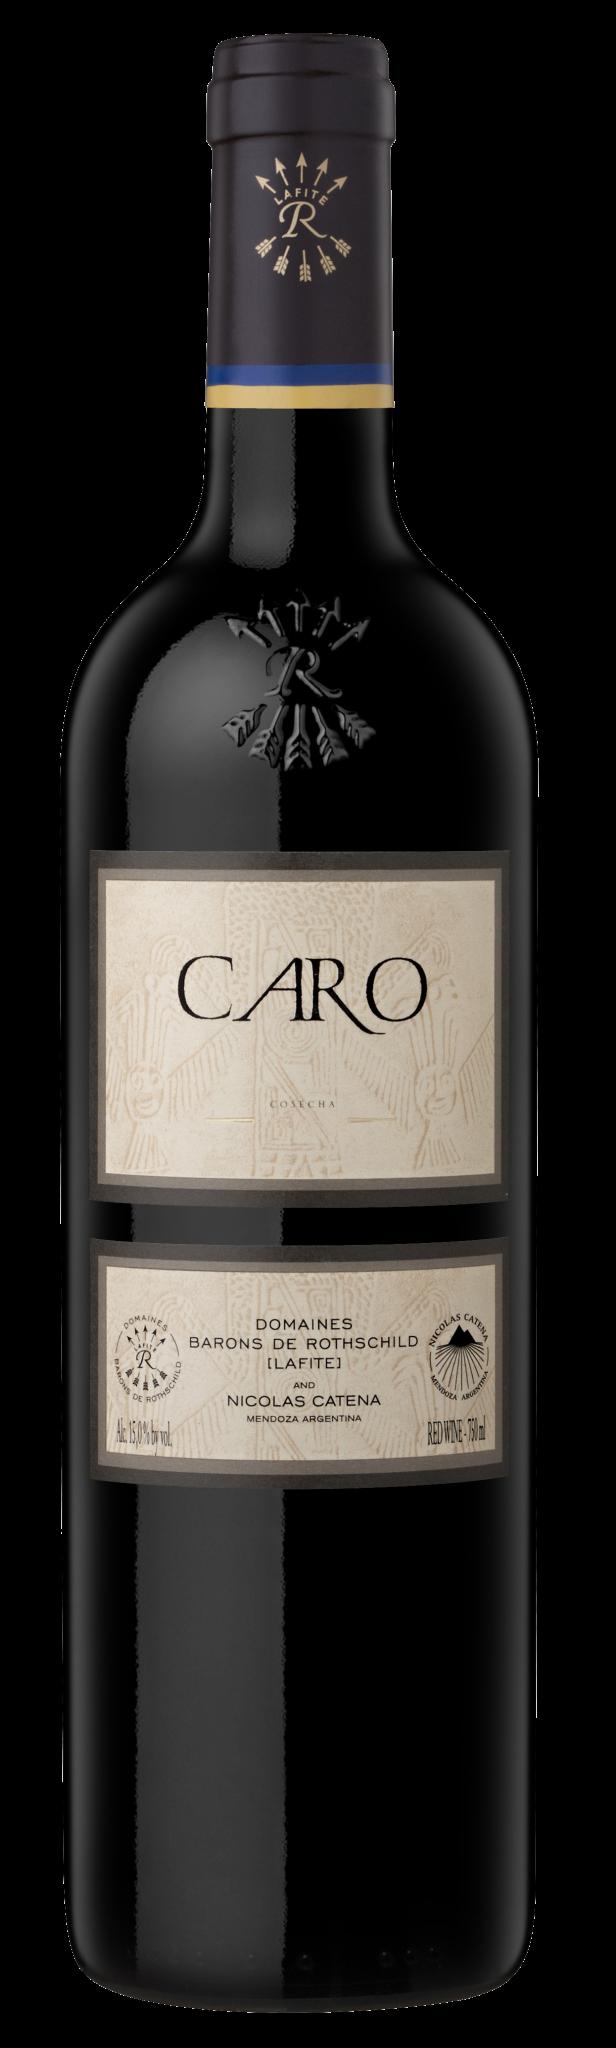 CARO Malbec/Cabernet Sauvignon Blend Mendoza 2015 - 750ml